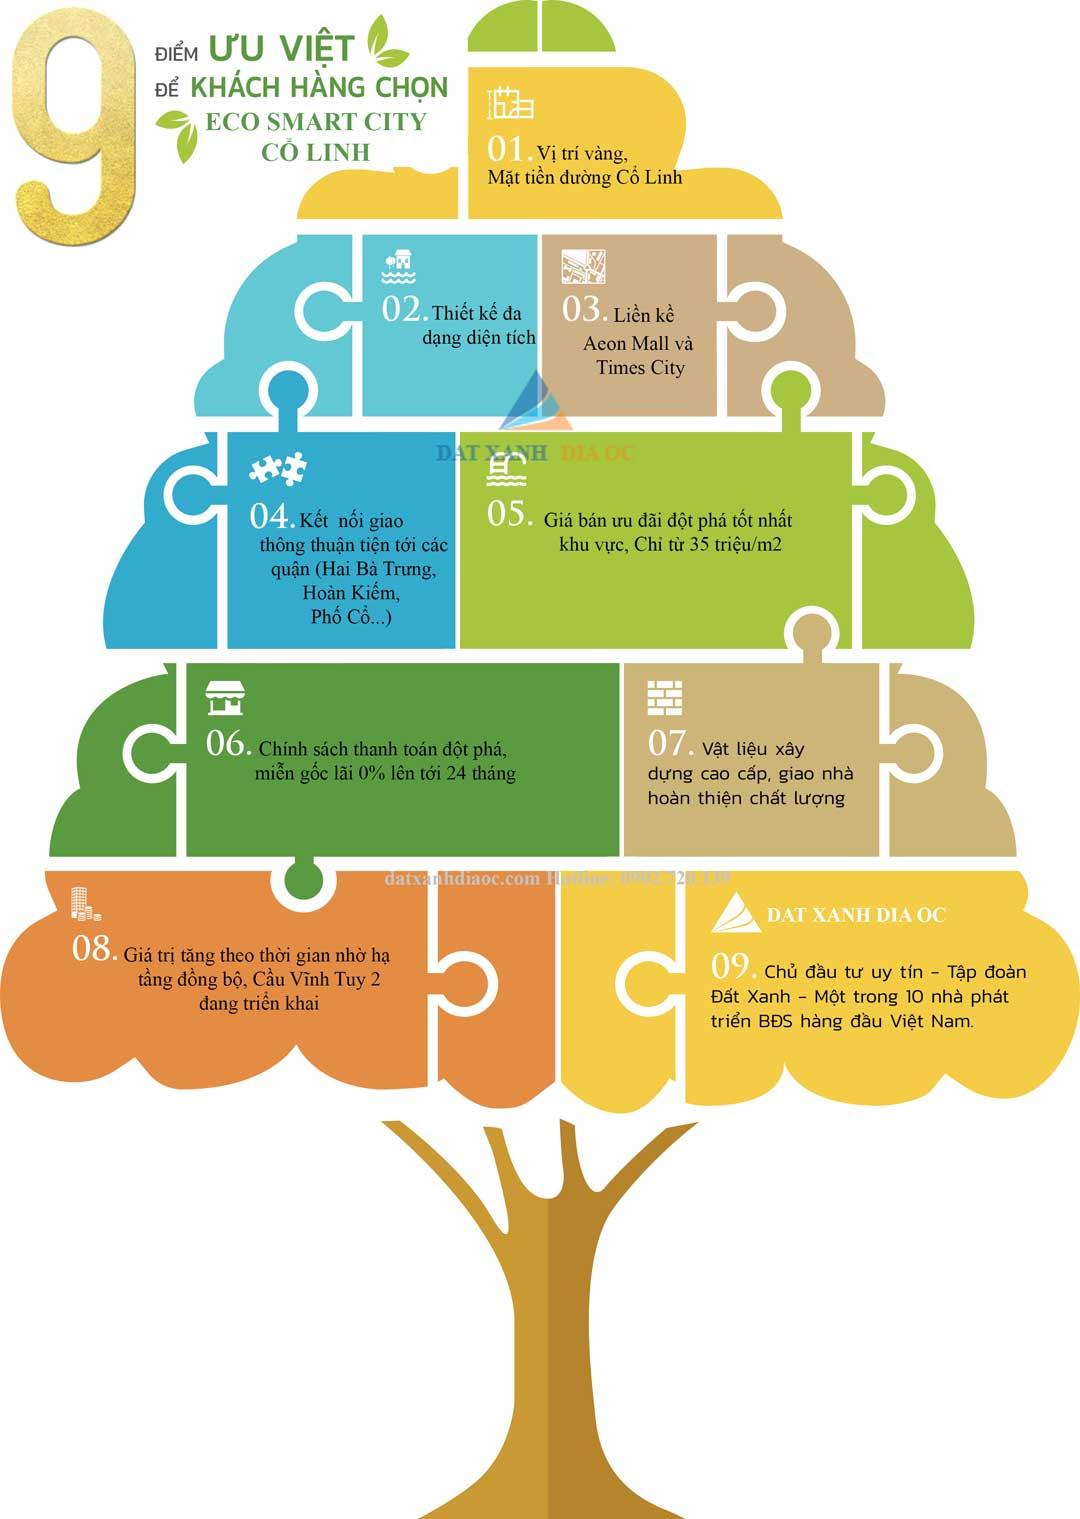 9 lý do khách hàng chọn dự án Chung Cư Eco Smart City Long Biên